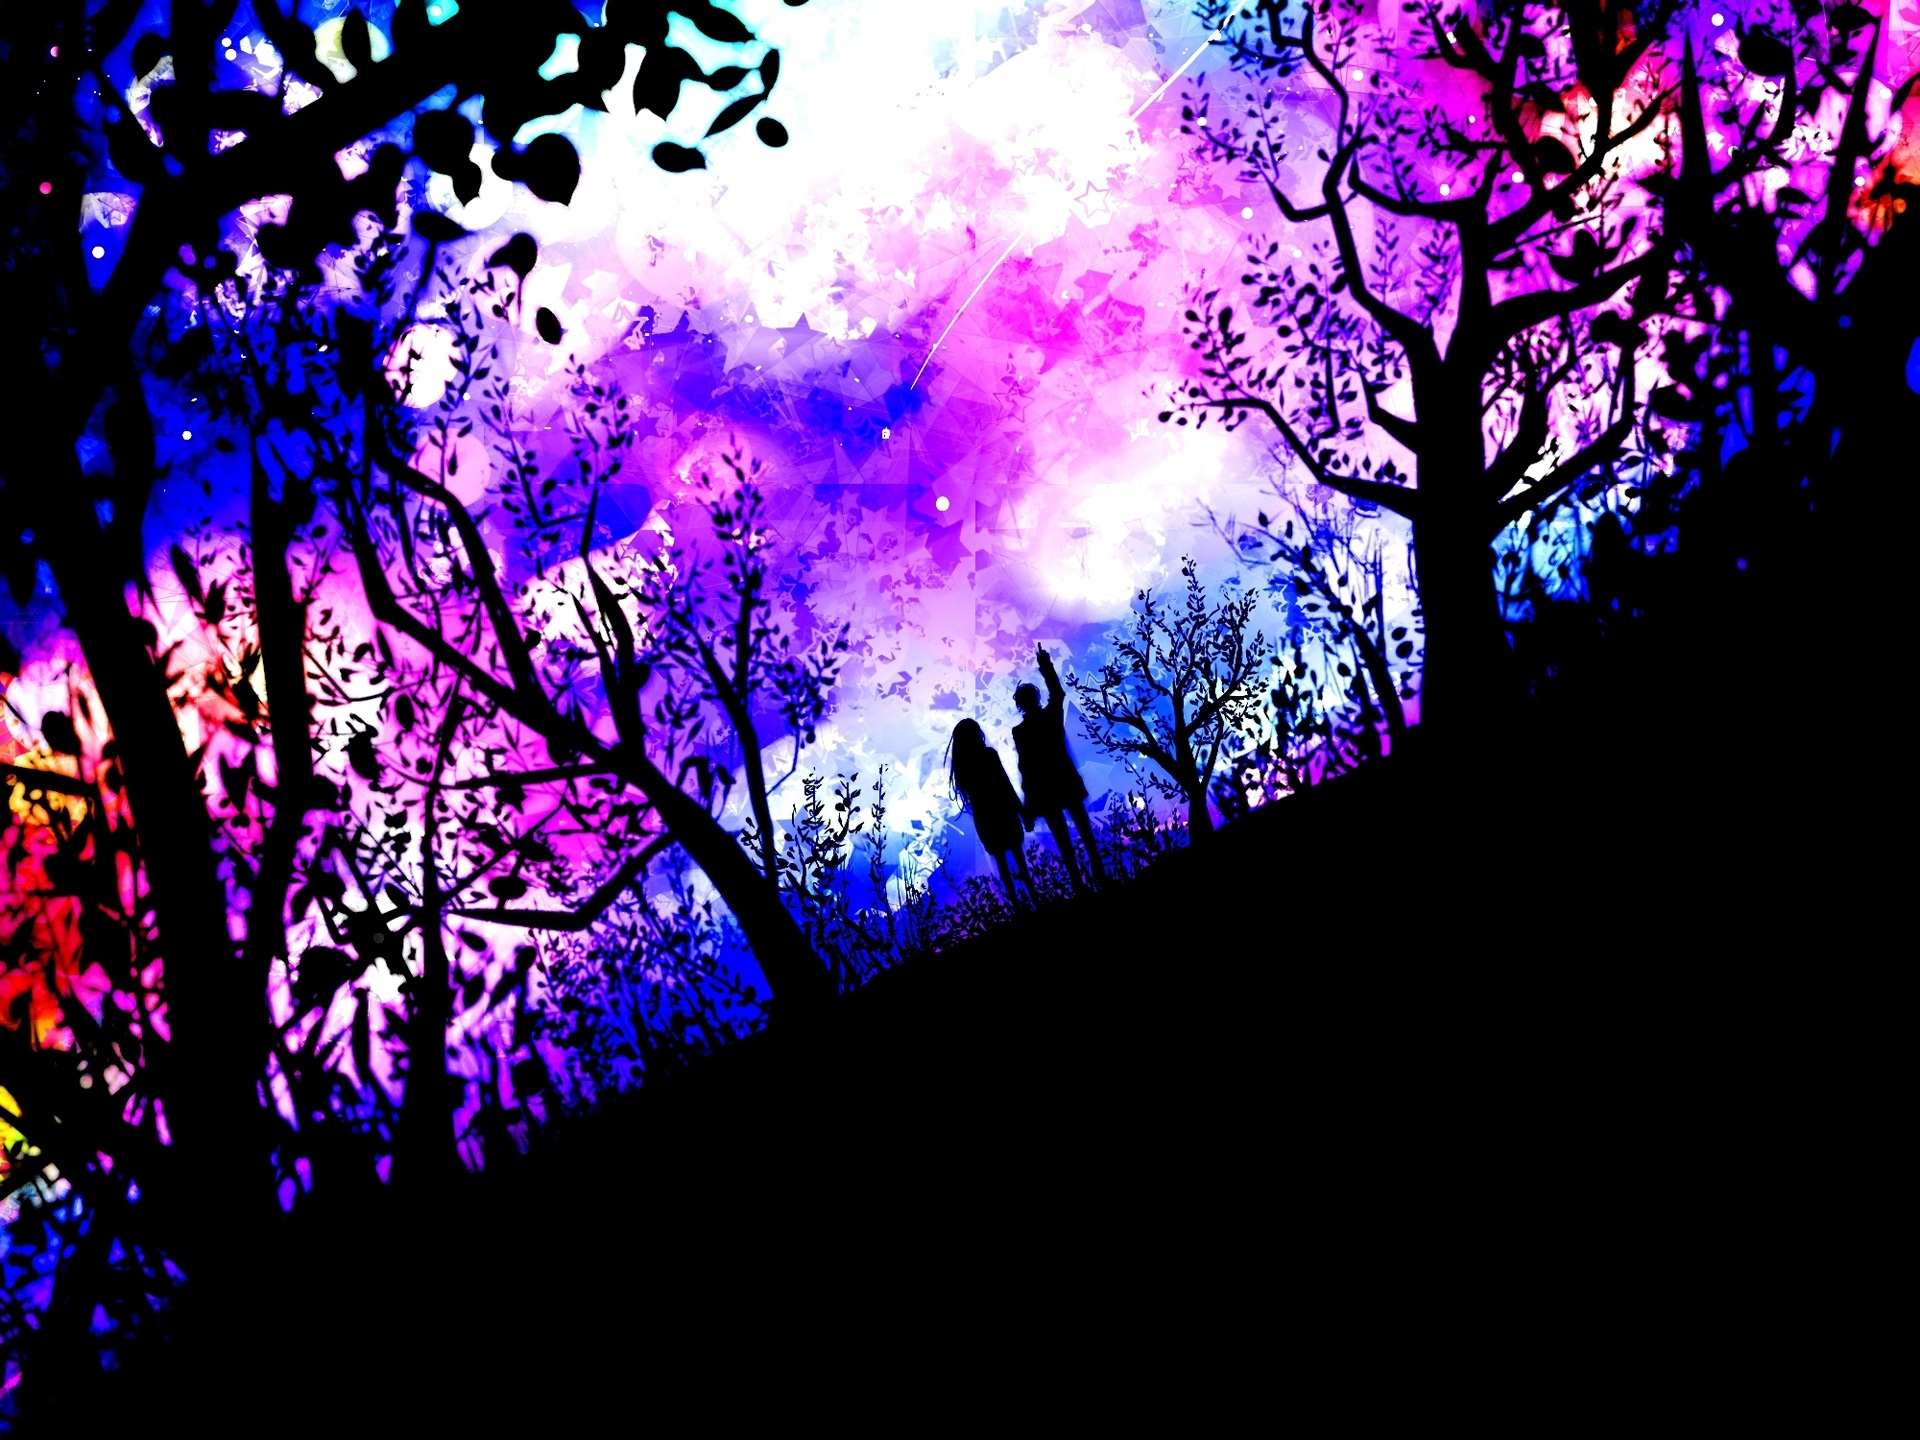 壁紙 アート写真 カップル 自然 木 星 紫 1920x1440 Hd 無料の